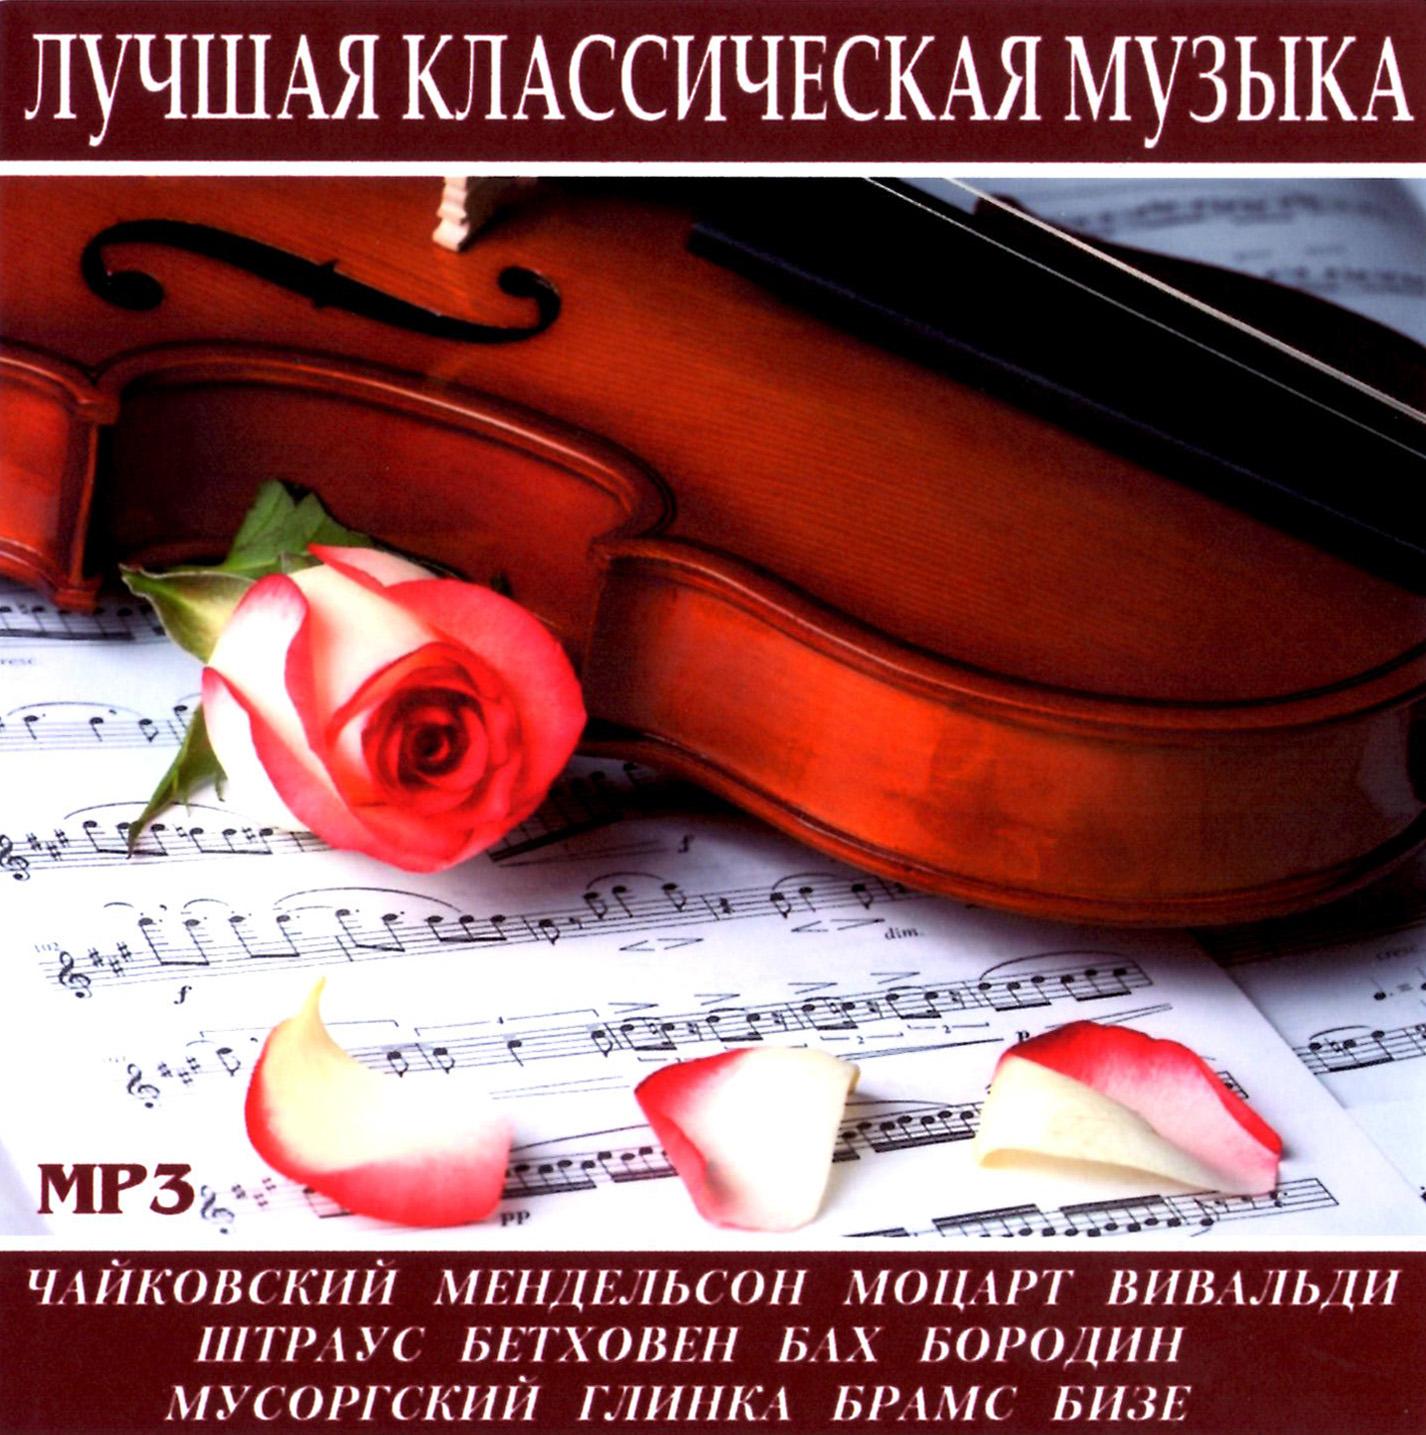 Лучшая классическая музыка [mp3]